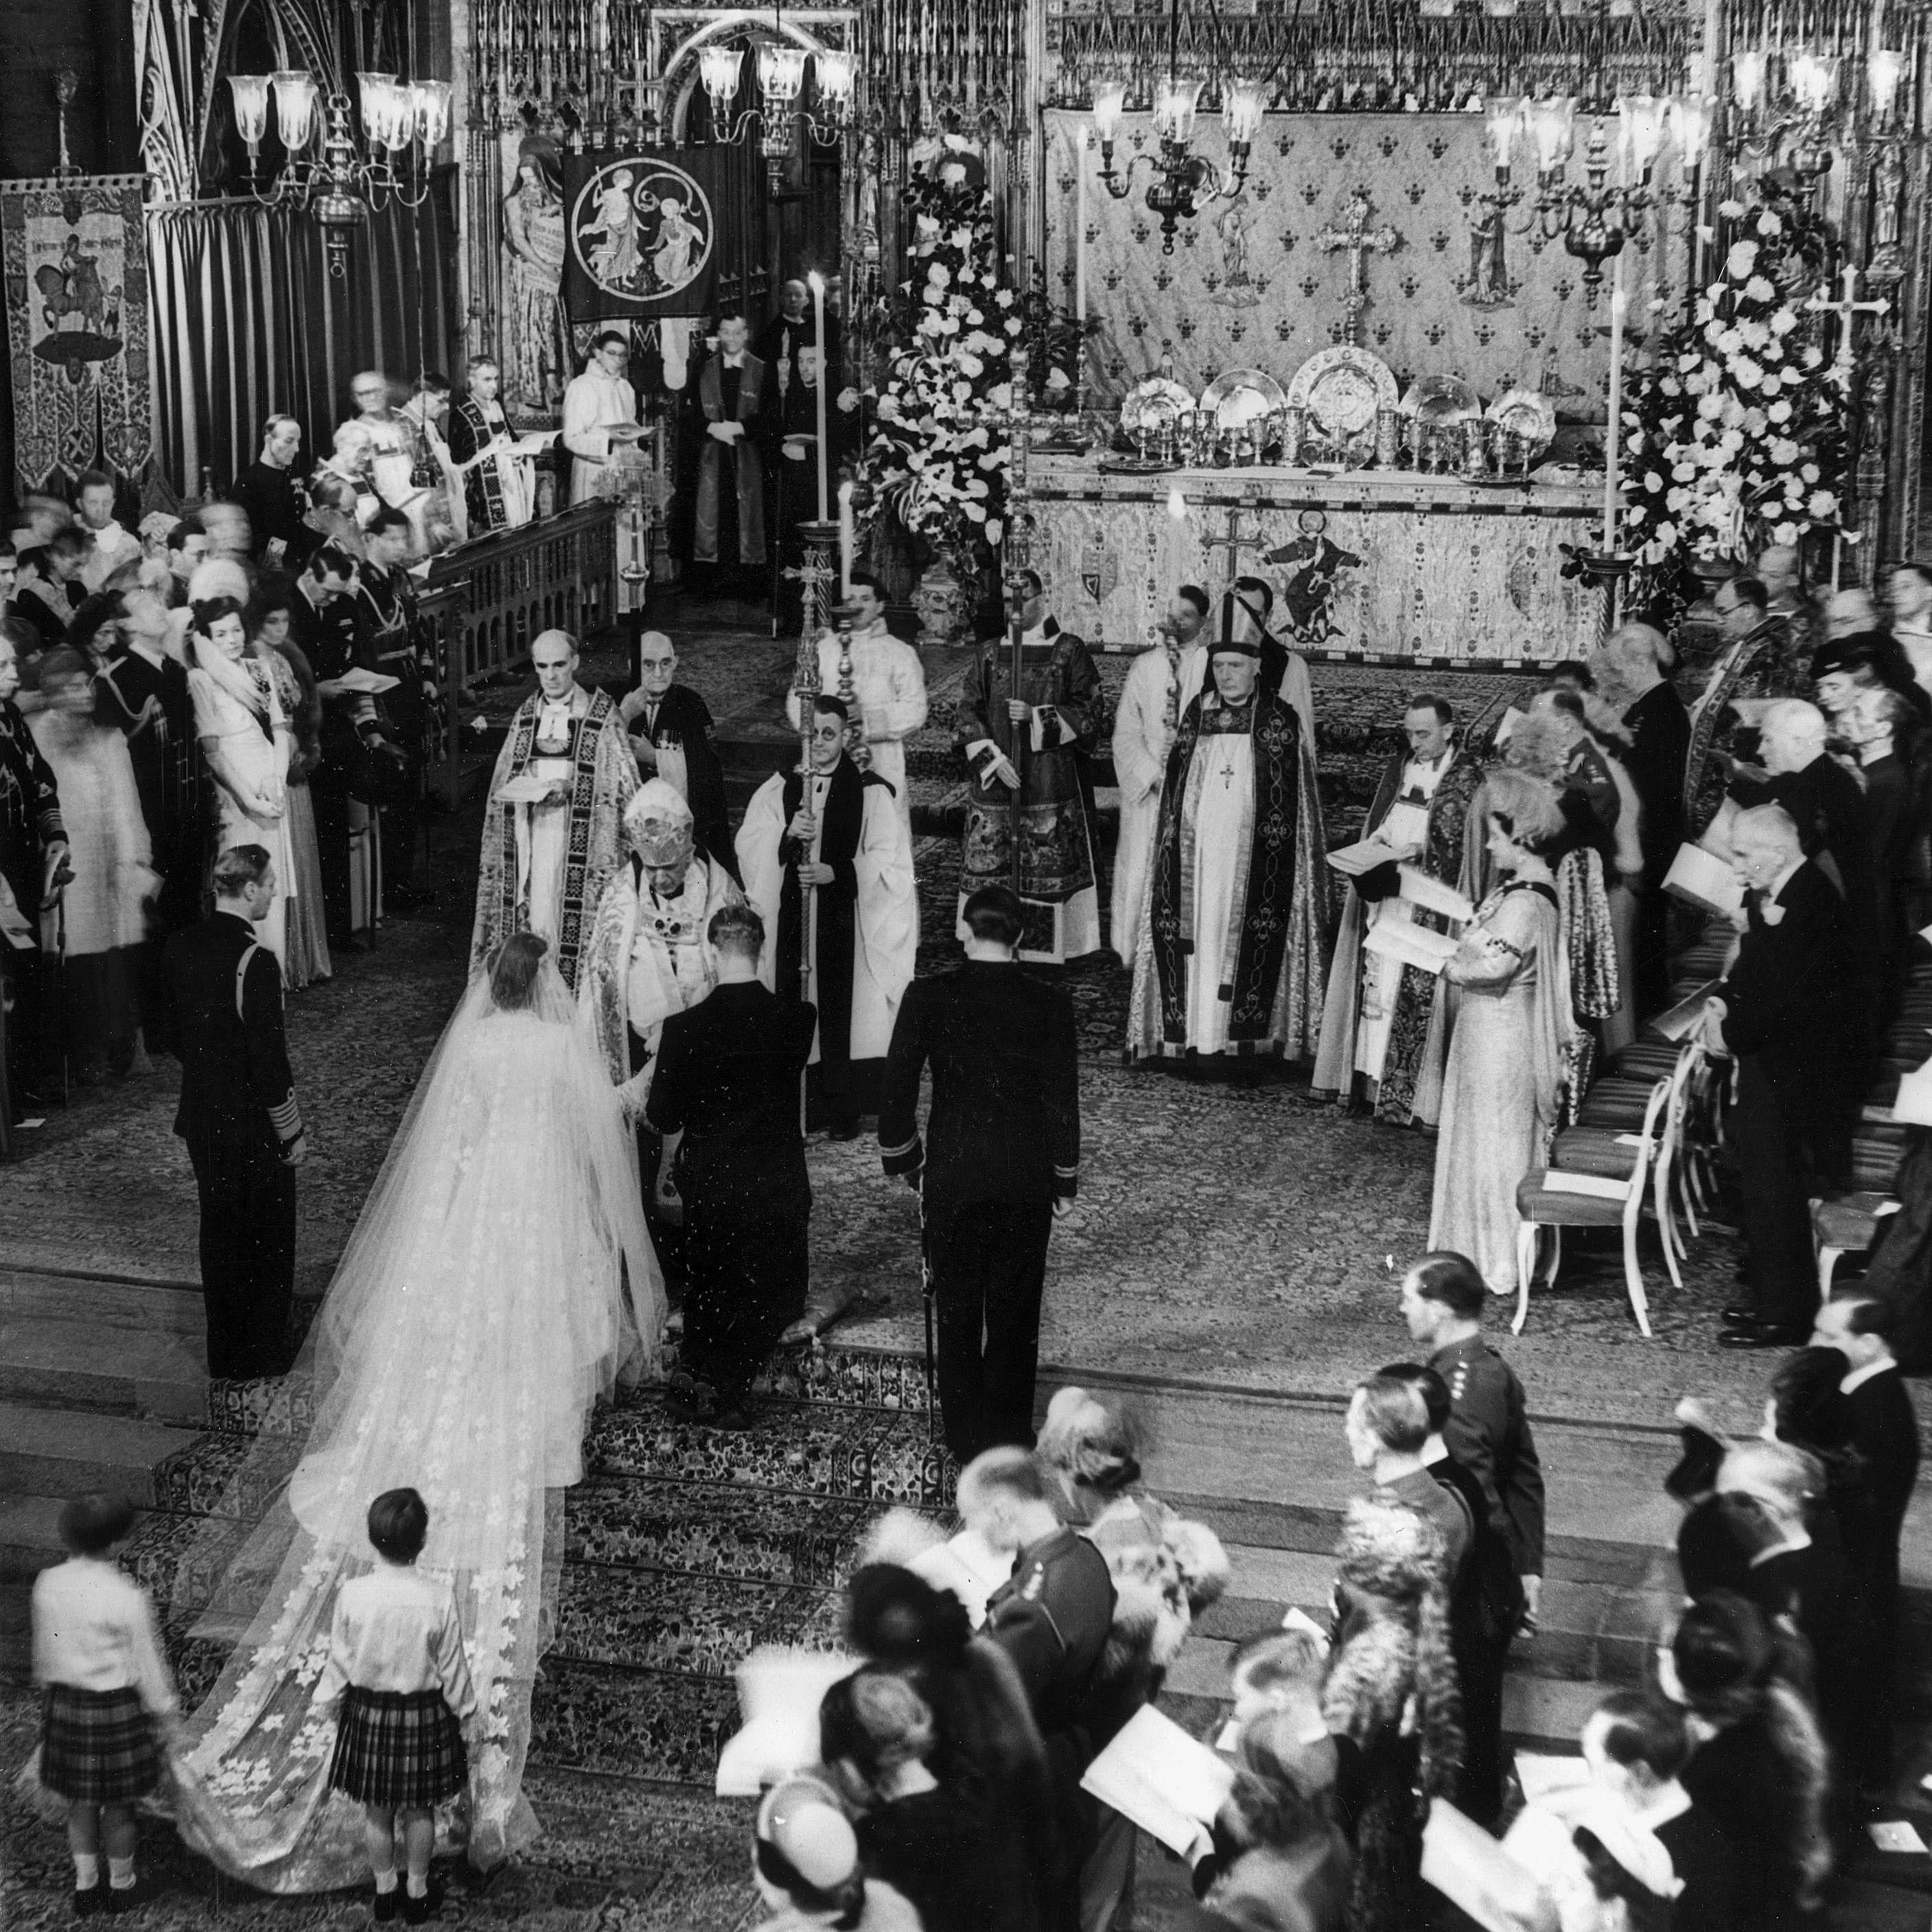 1947年の王室の結婚式-エリザベス王女とフィリップ王子